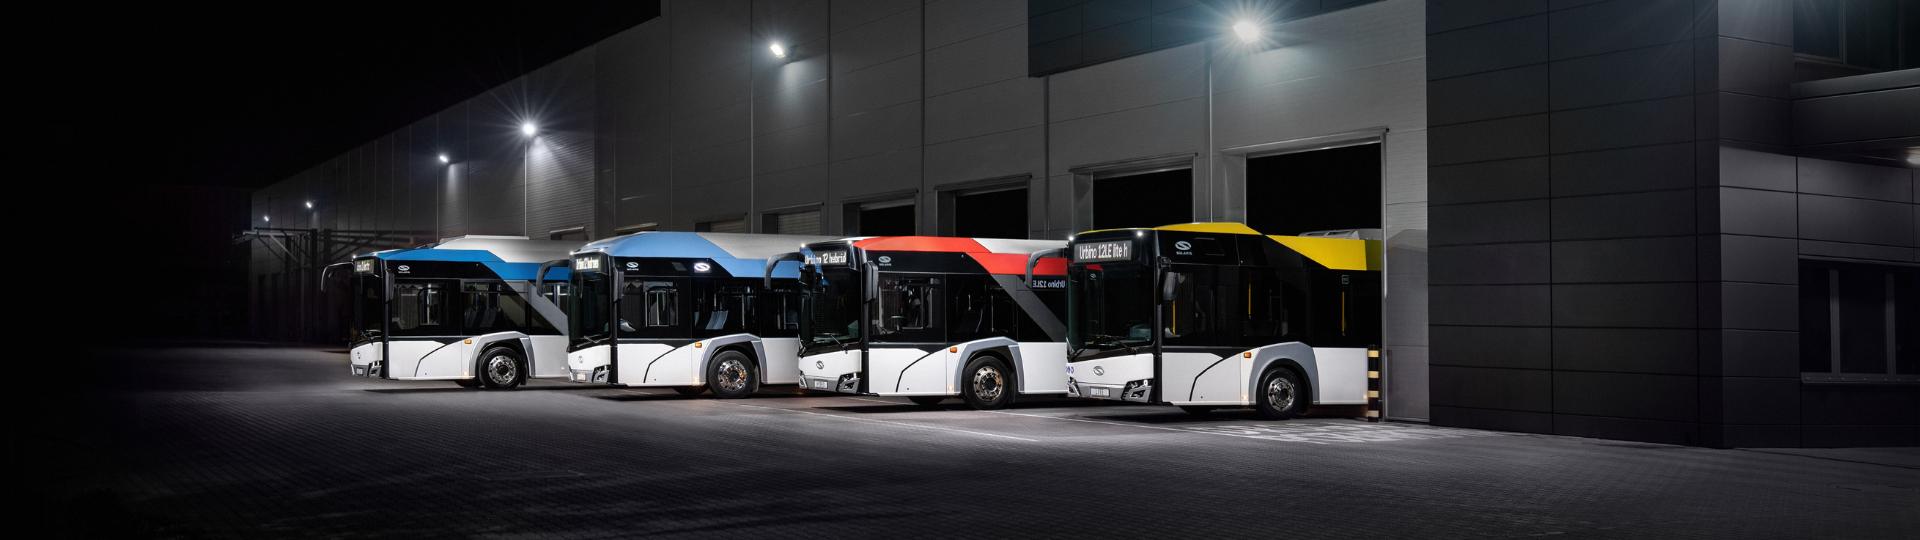 Solaris liderem rynku autobusów bateryjnych 2020!